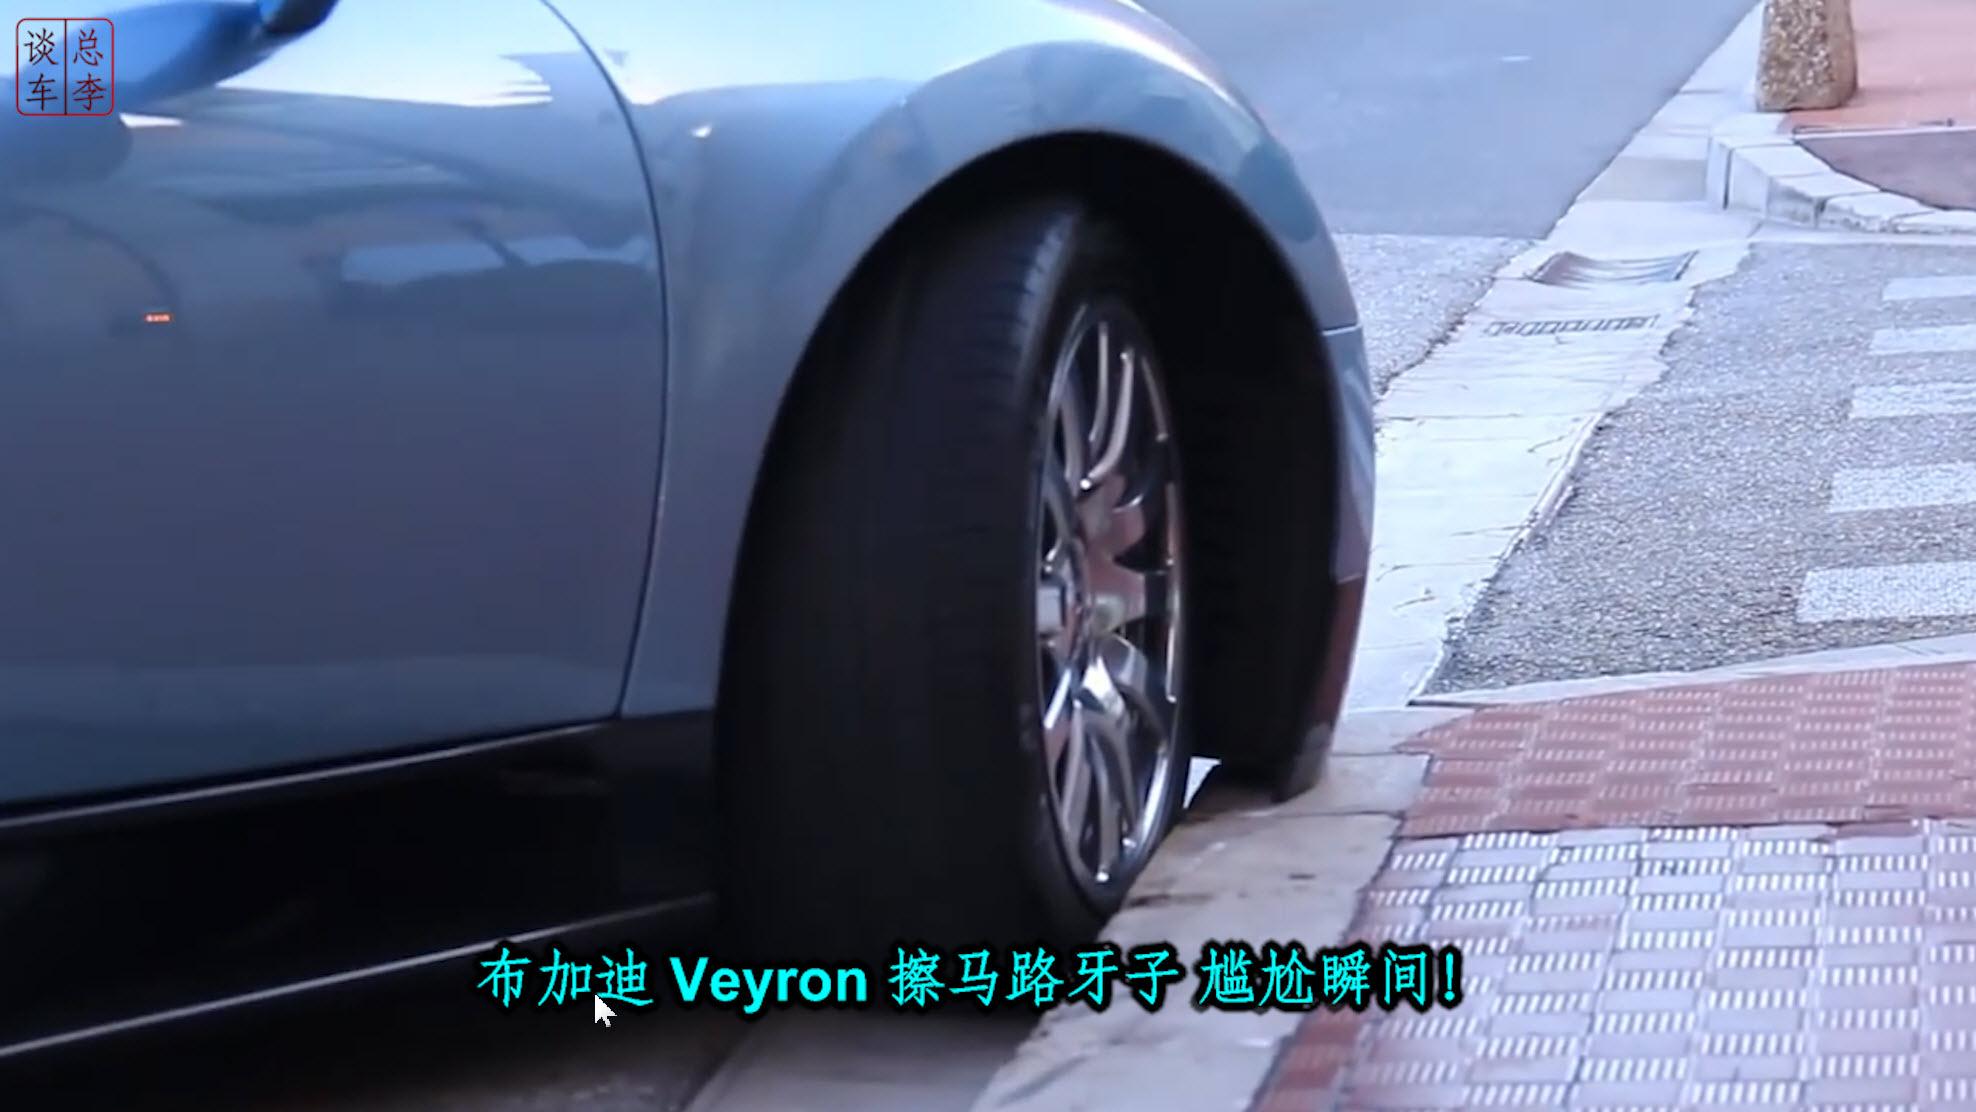 布加迪 Veyron 擦马路牙子 尴尬瞬间!